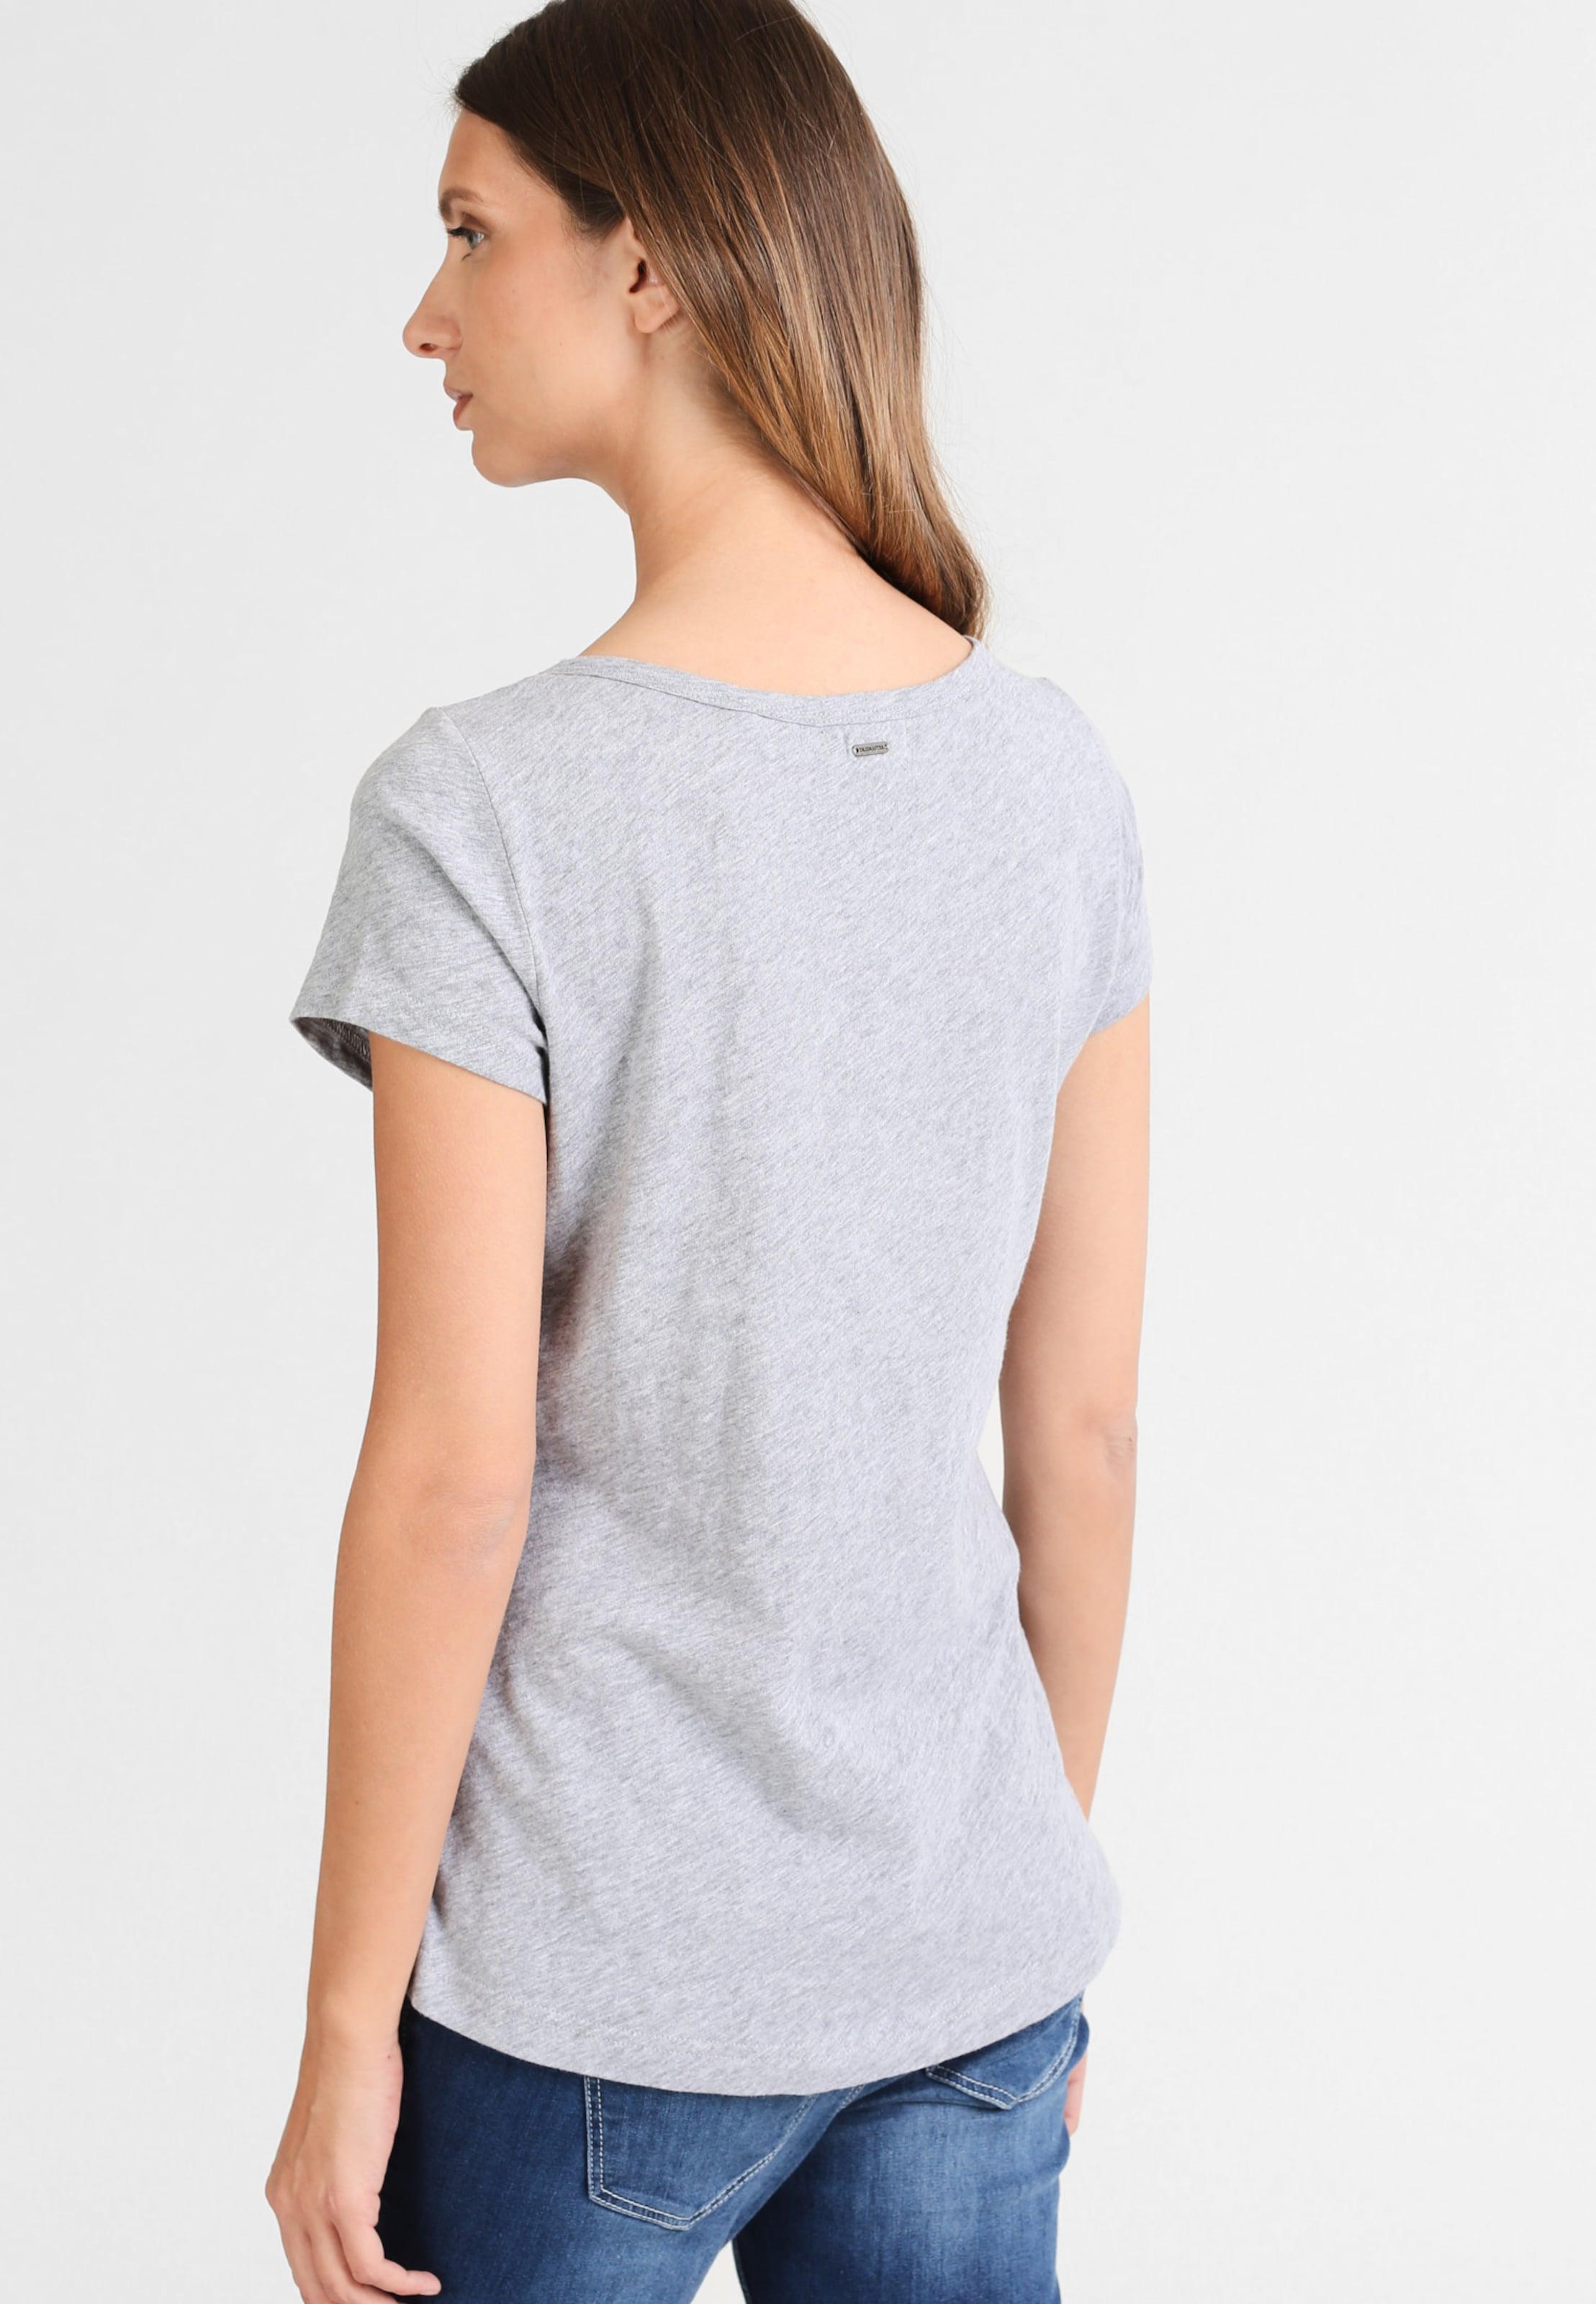 Dreimaster In GraumeliertSilber In shirt Dreimaster T GraumeliertSilber shirt T QCErxoWBed